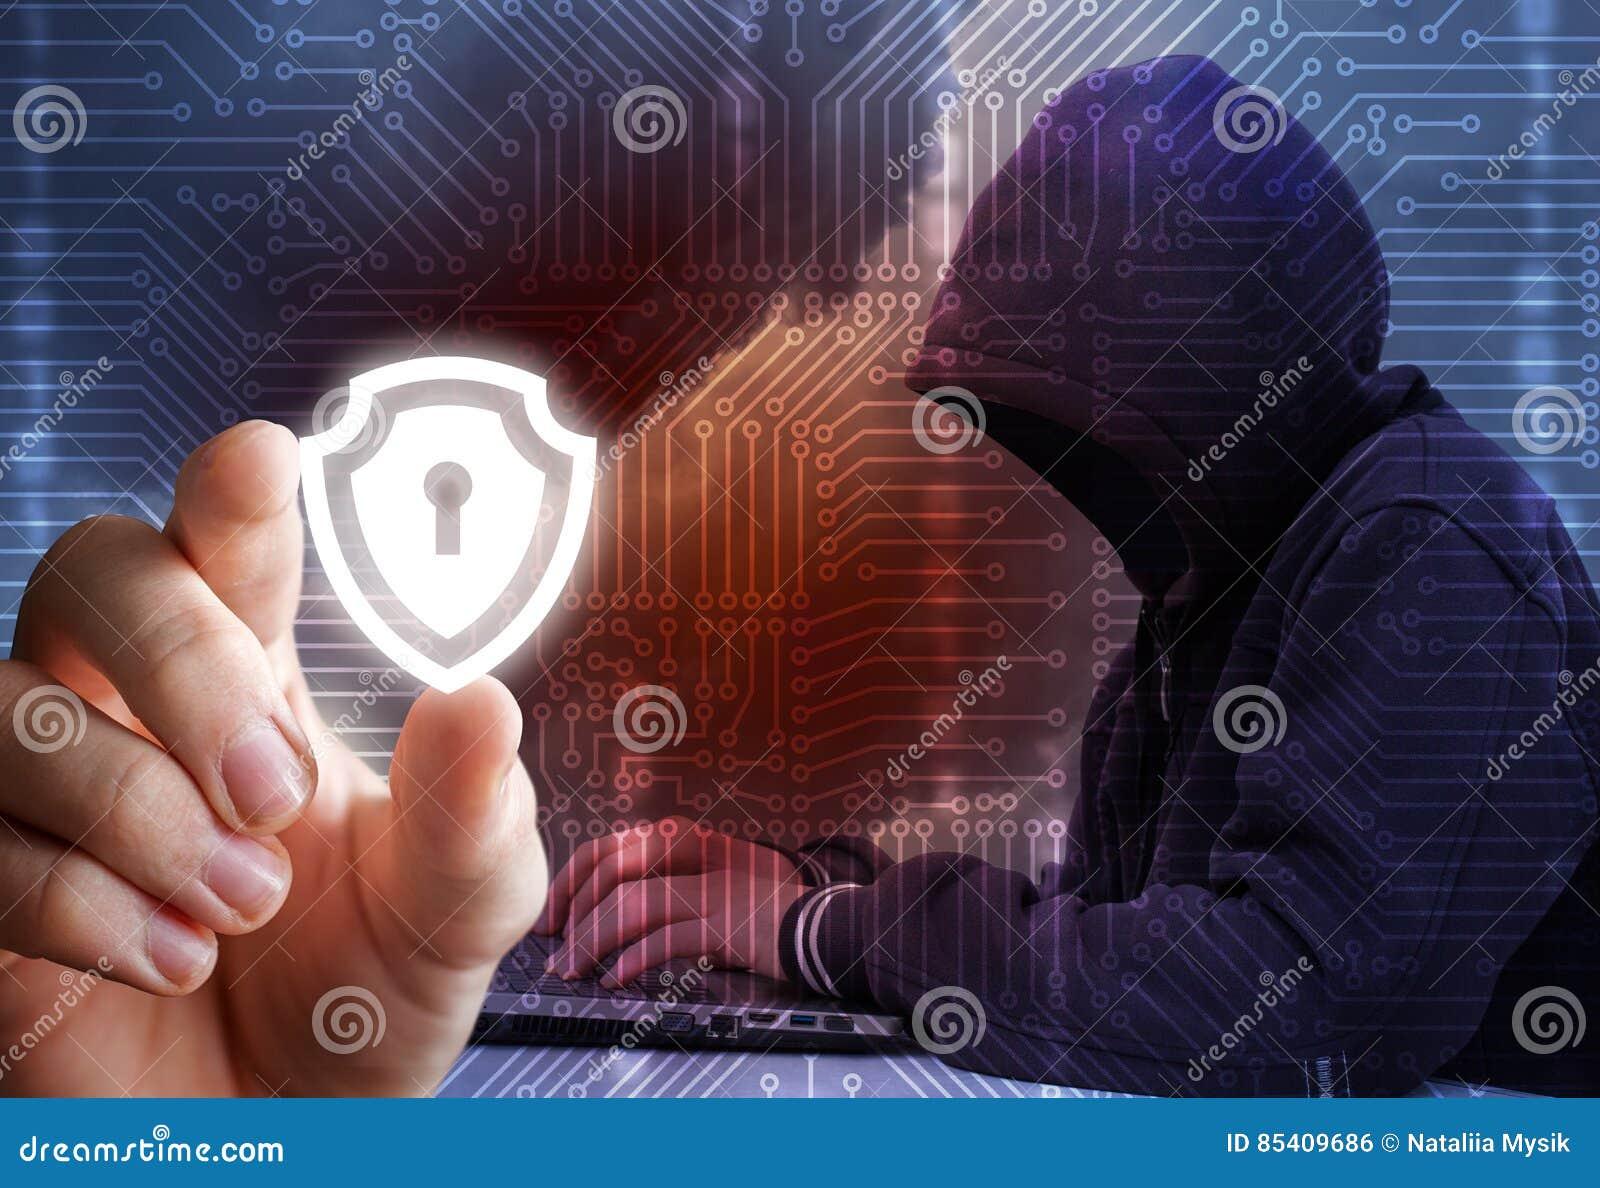 Protección de la información contra piratas informáticos